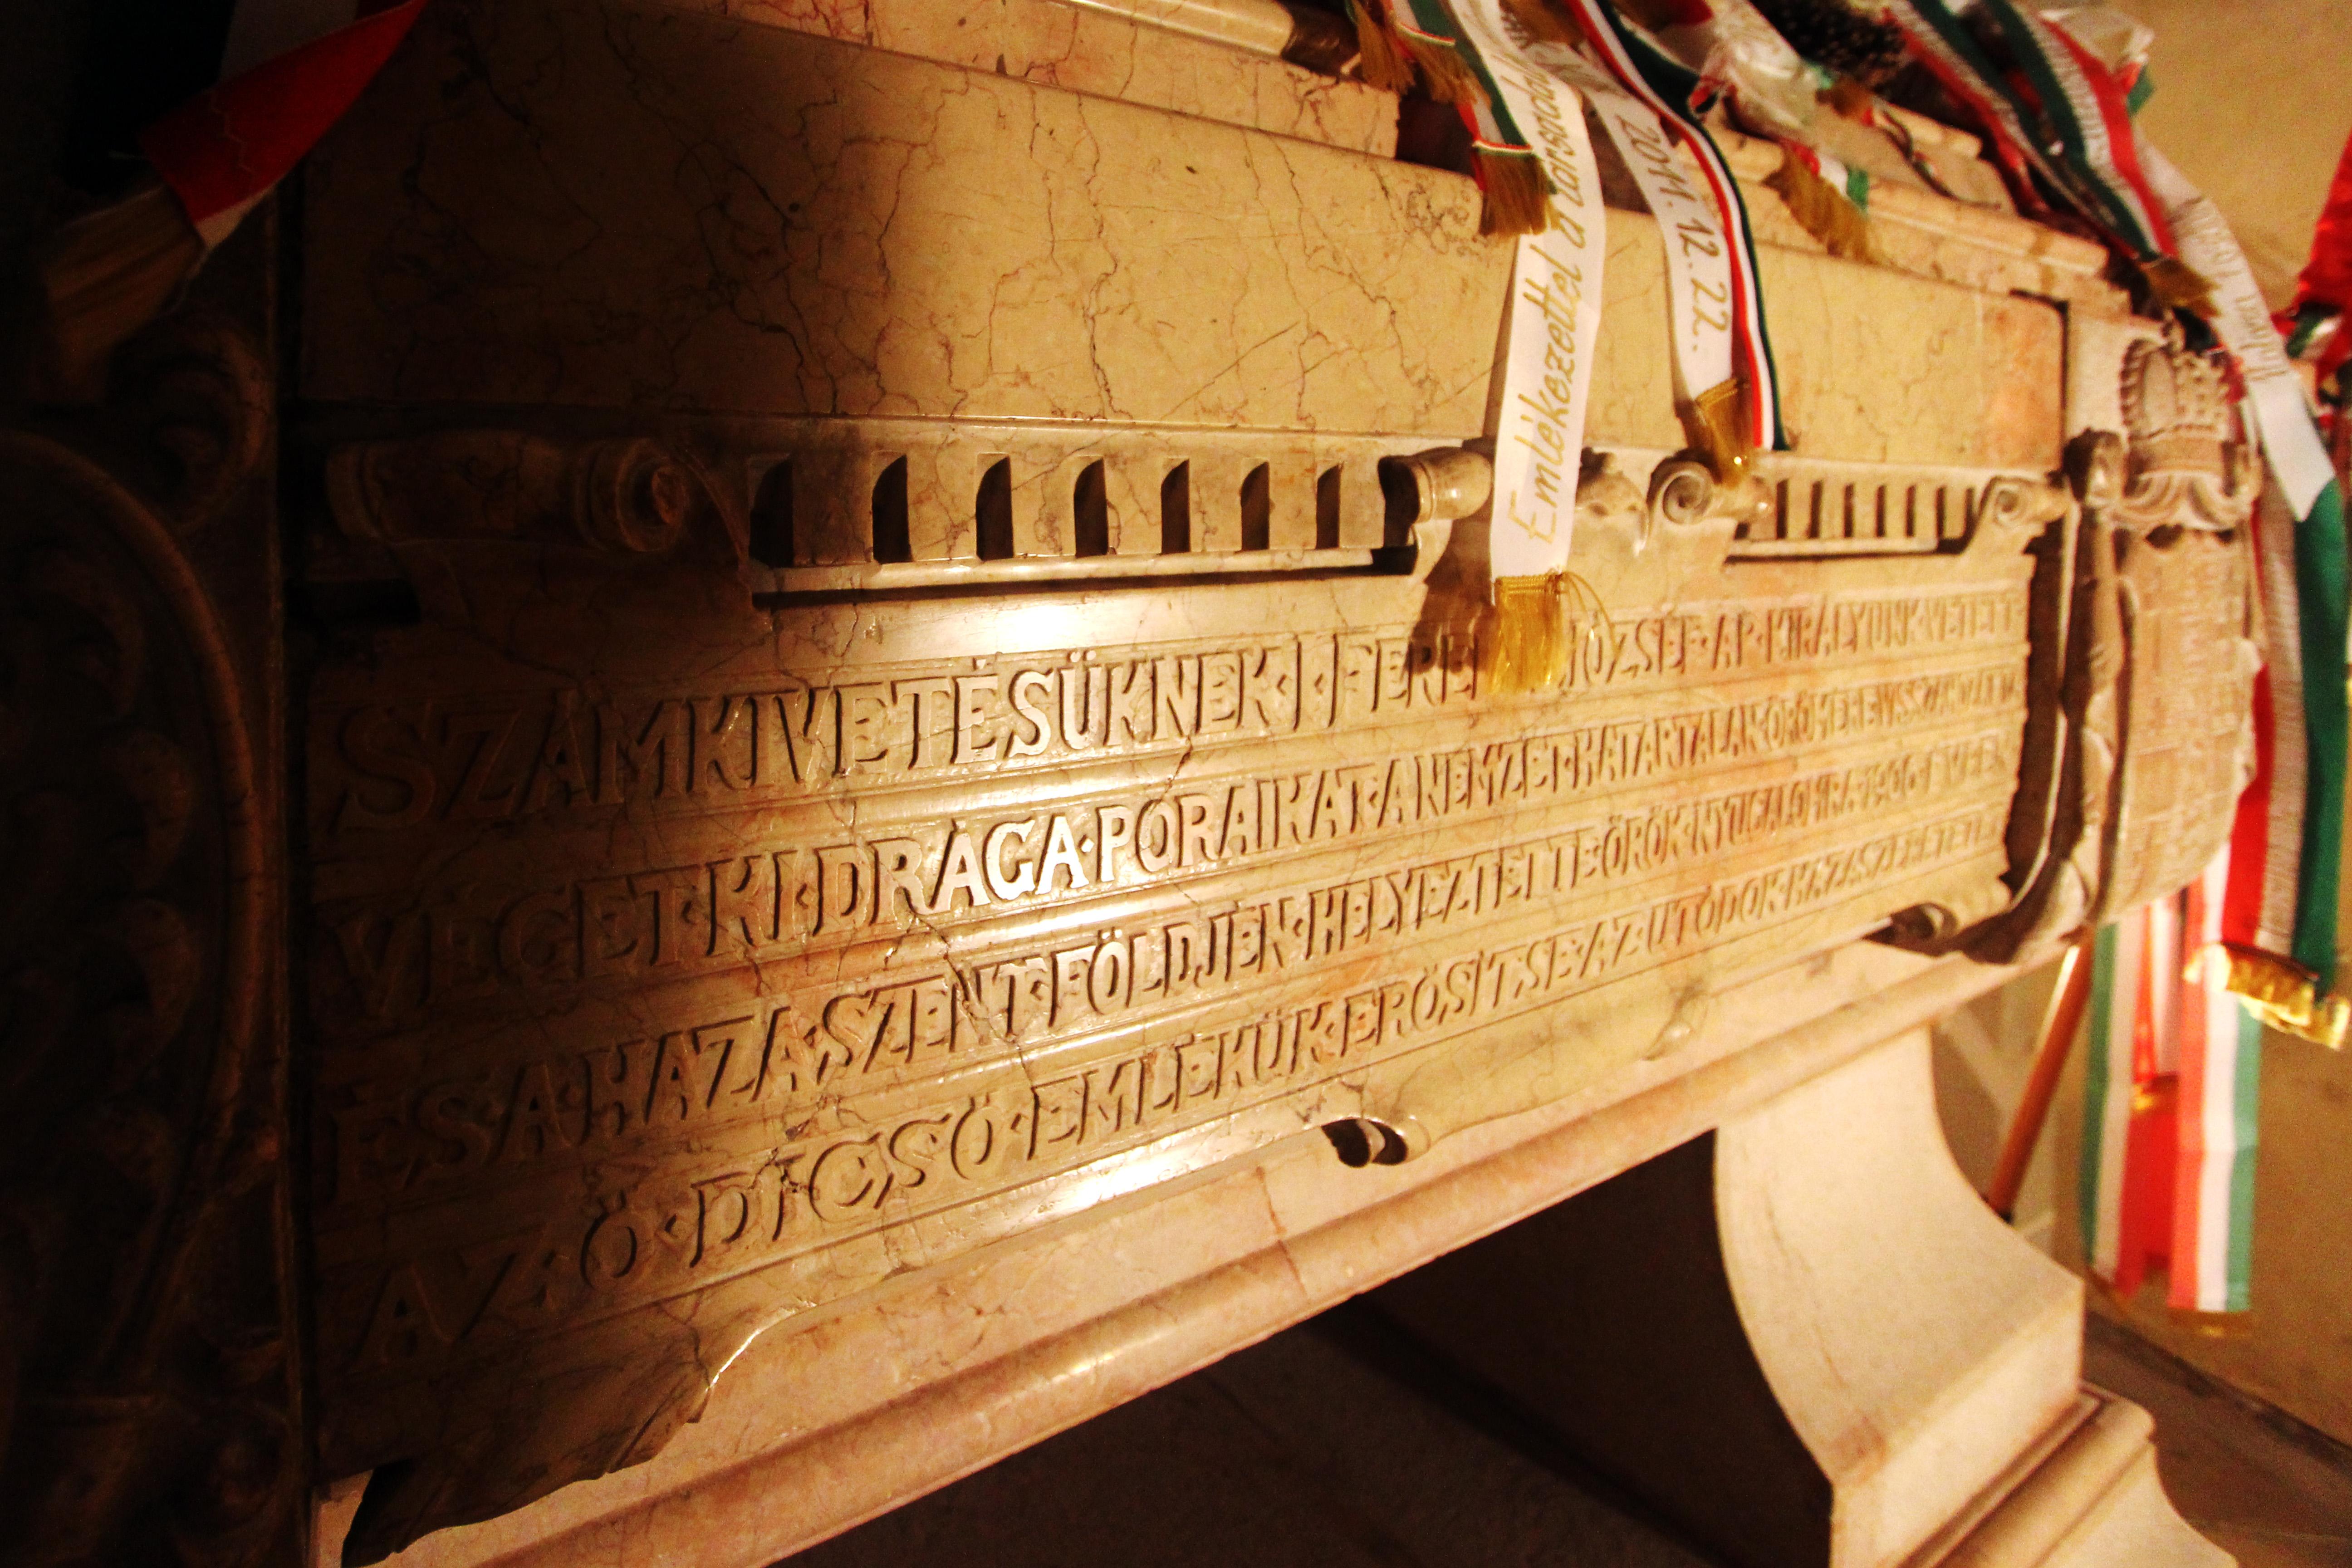 Kassai dóm, Rákóczi-kripta